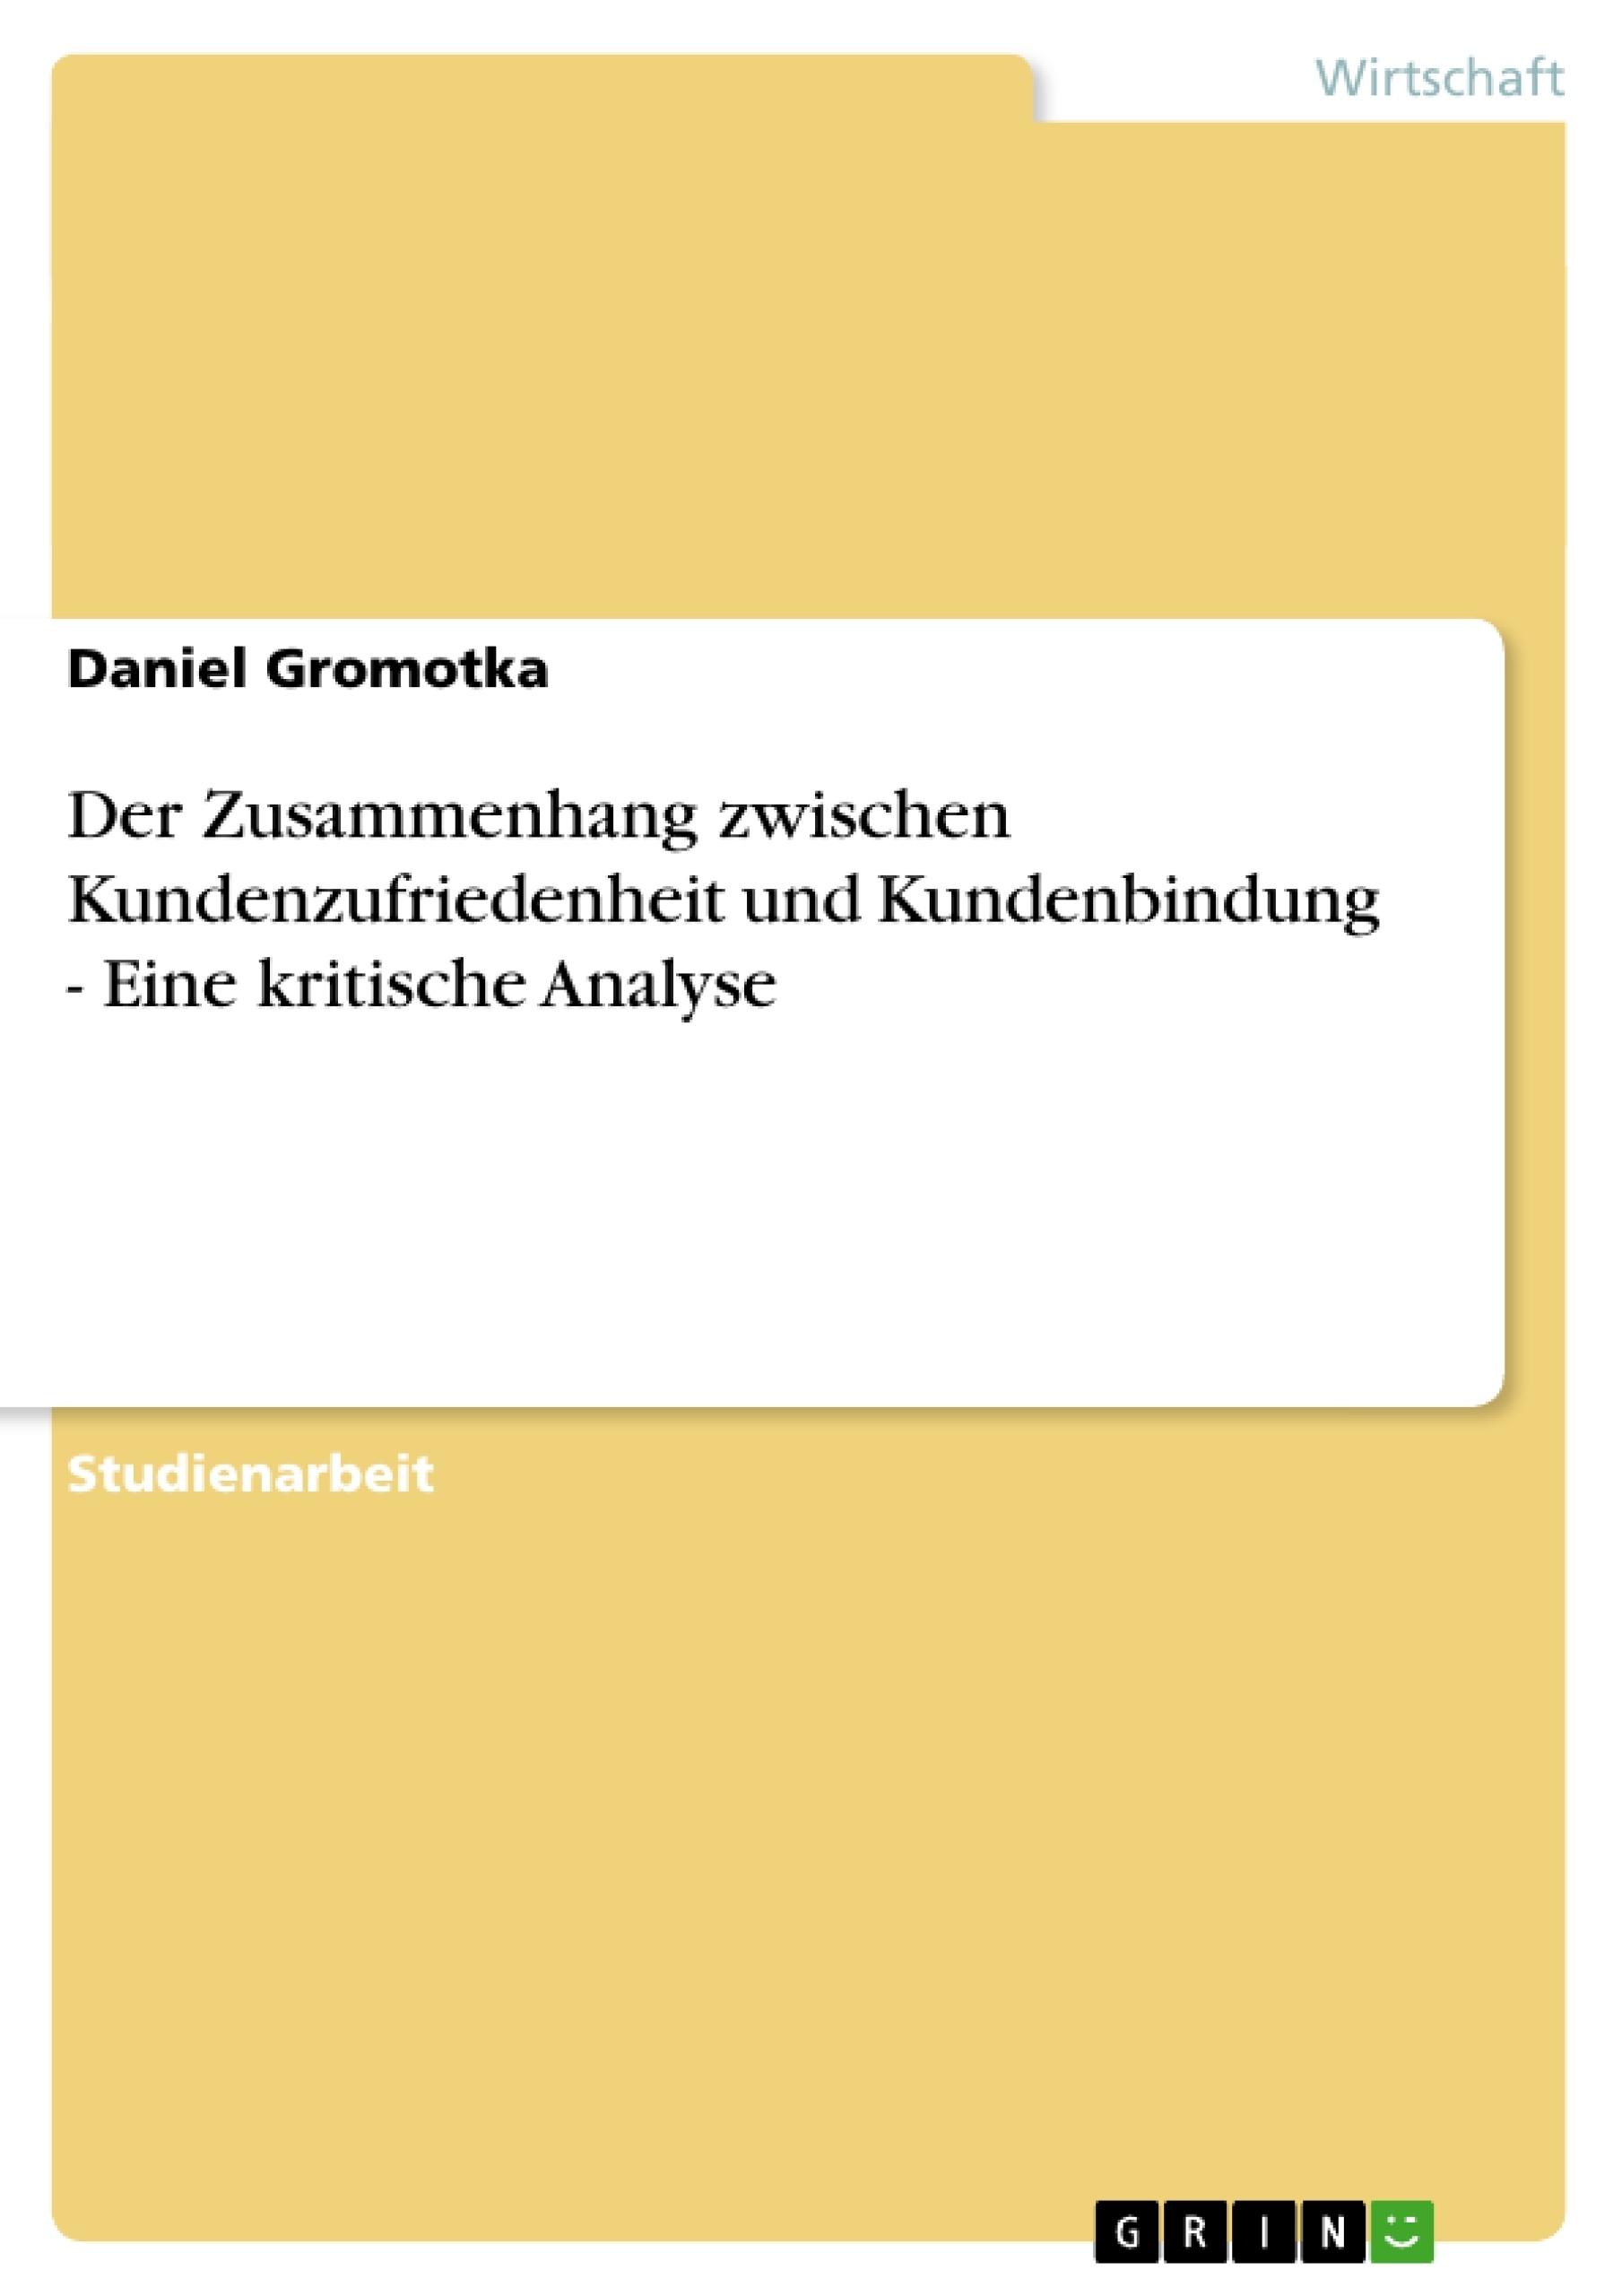 Titel: Der Zusammenhang zwischen Kundenzufriedenheit und Kundenbindung - Eine kritische Analyse